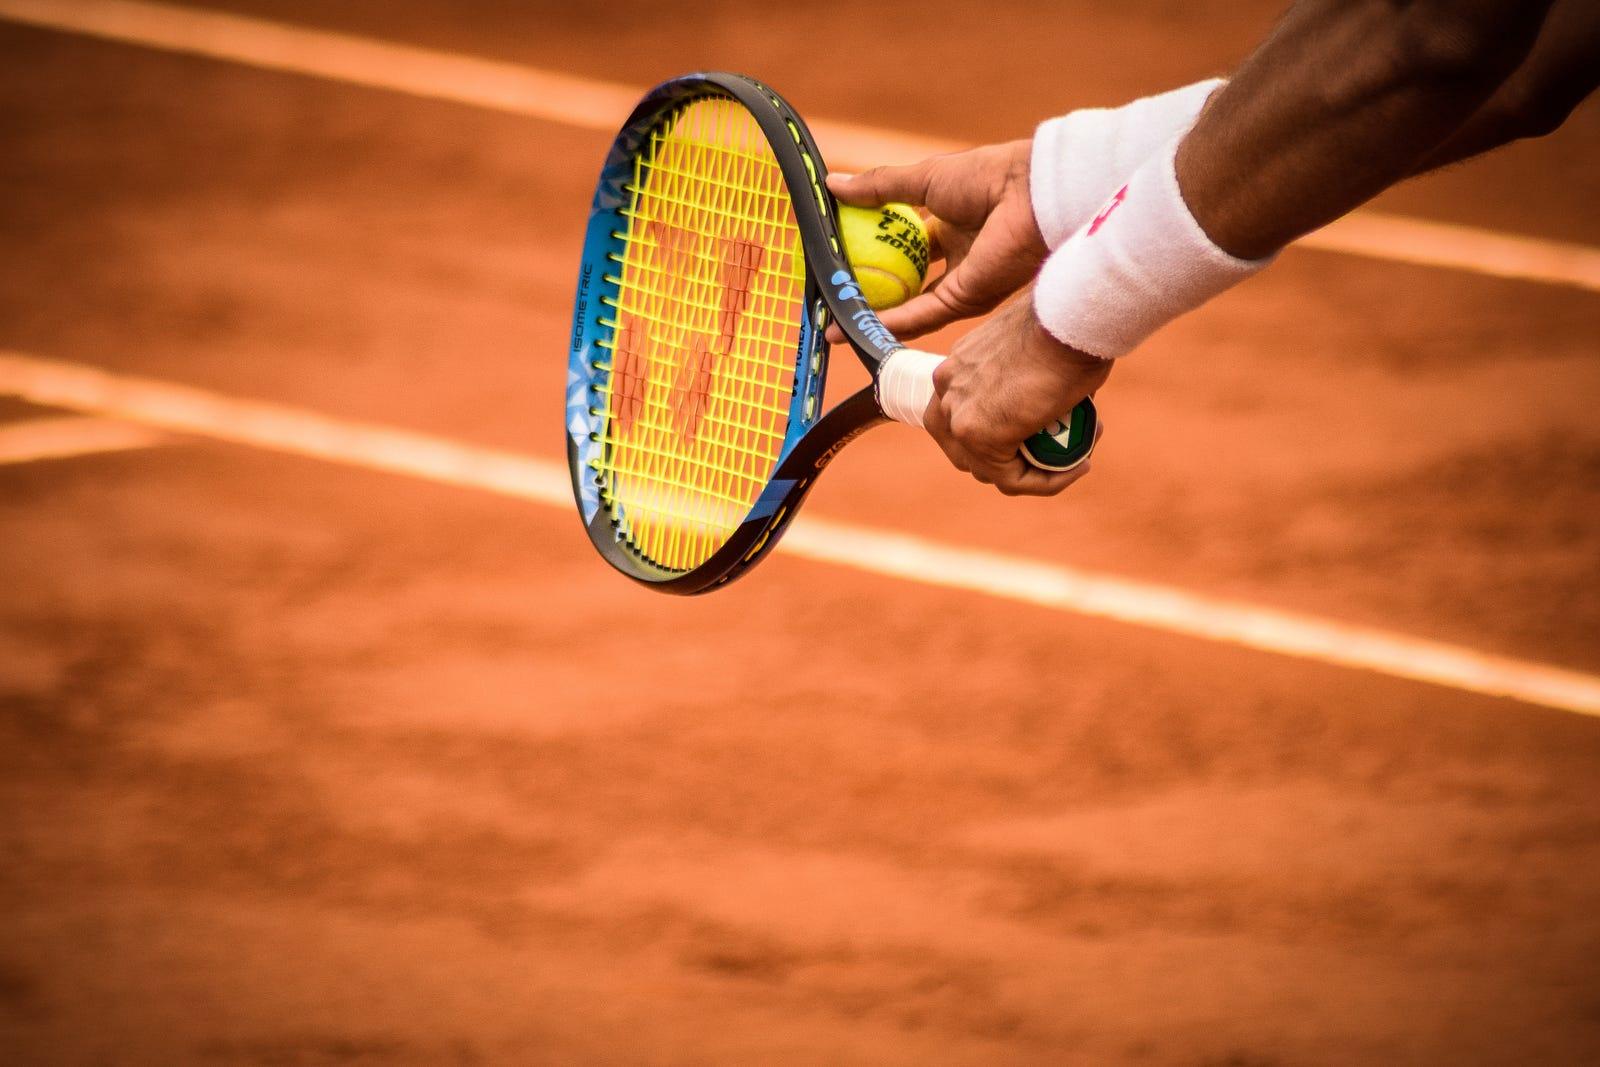 Tennis tiebreaker fifth set investment gleeden investments